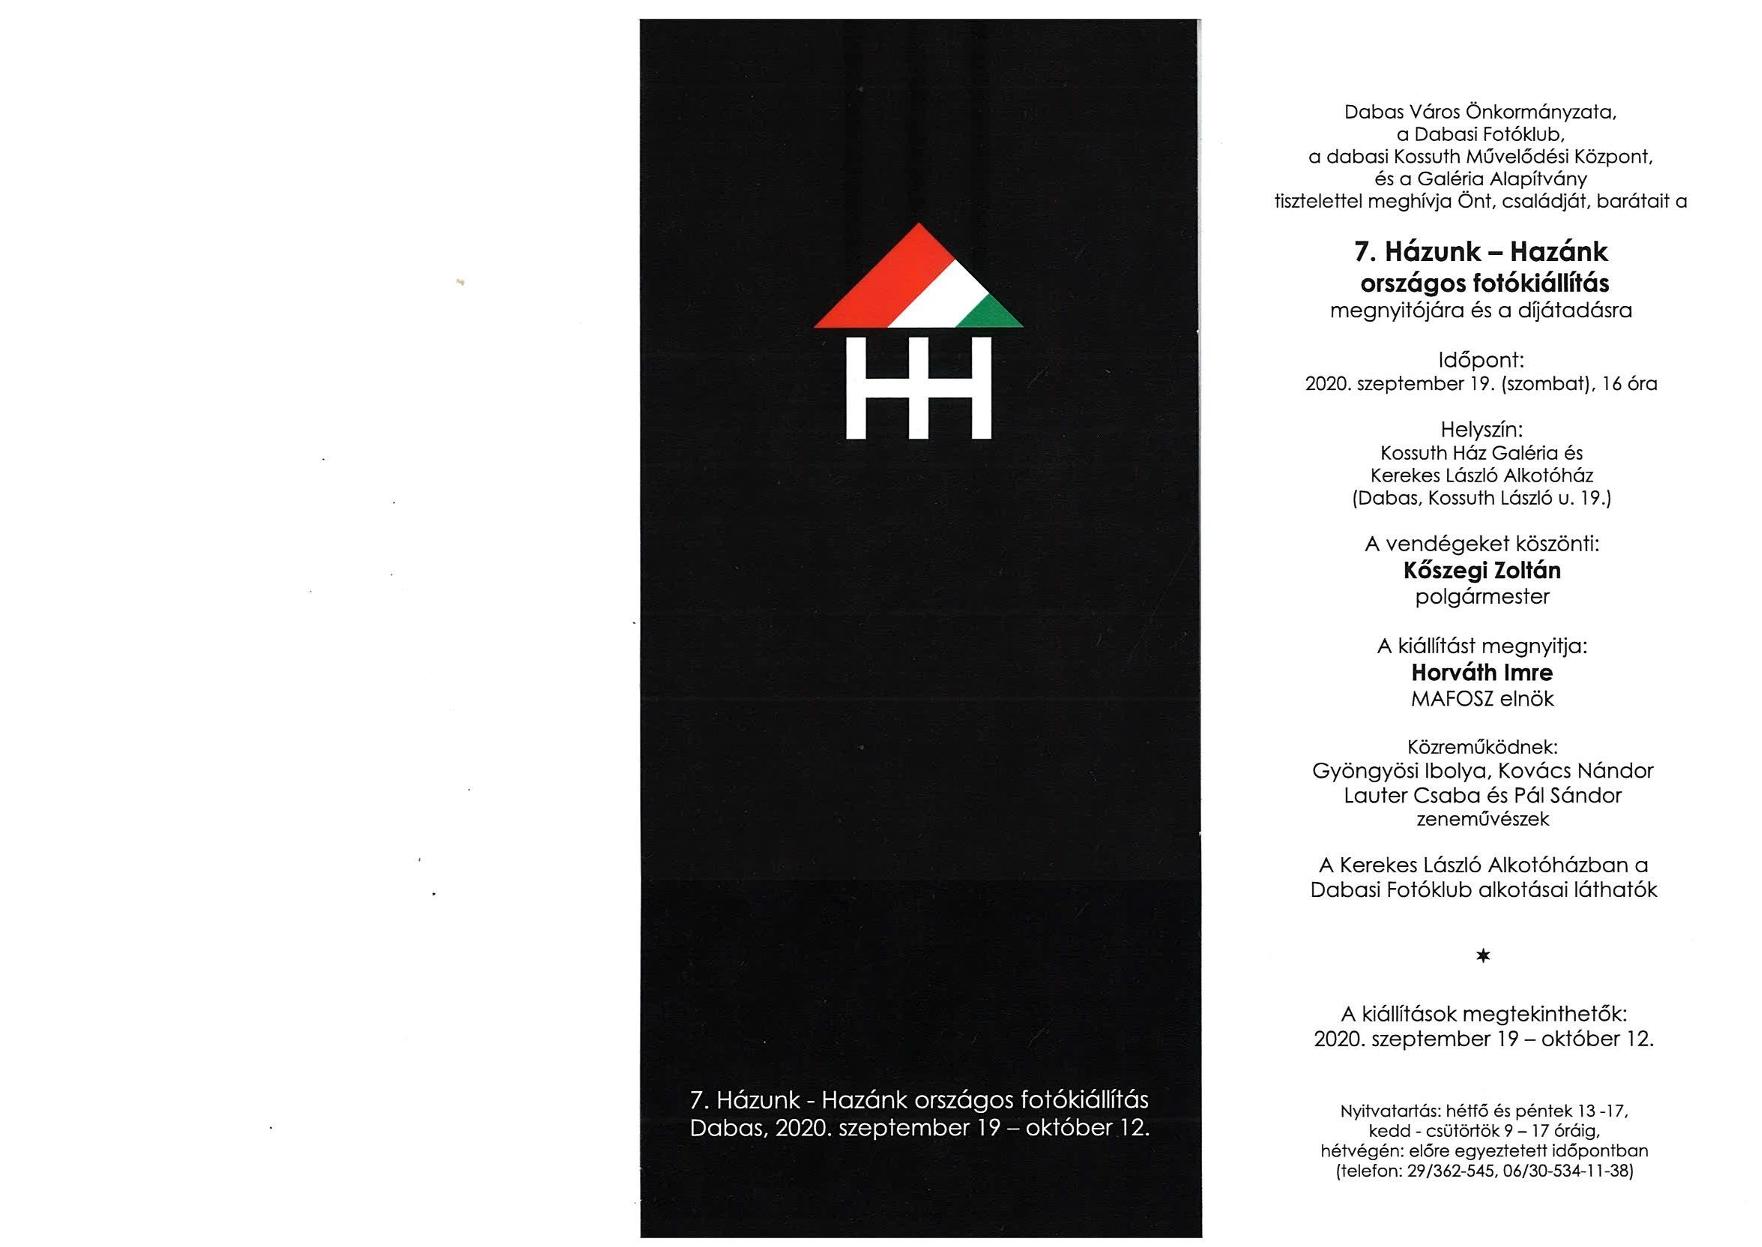 7. Házunk - Hazánk országos fotópályázat megnyitó